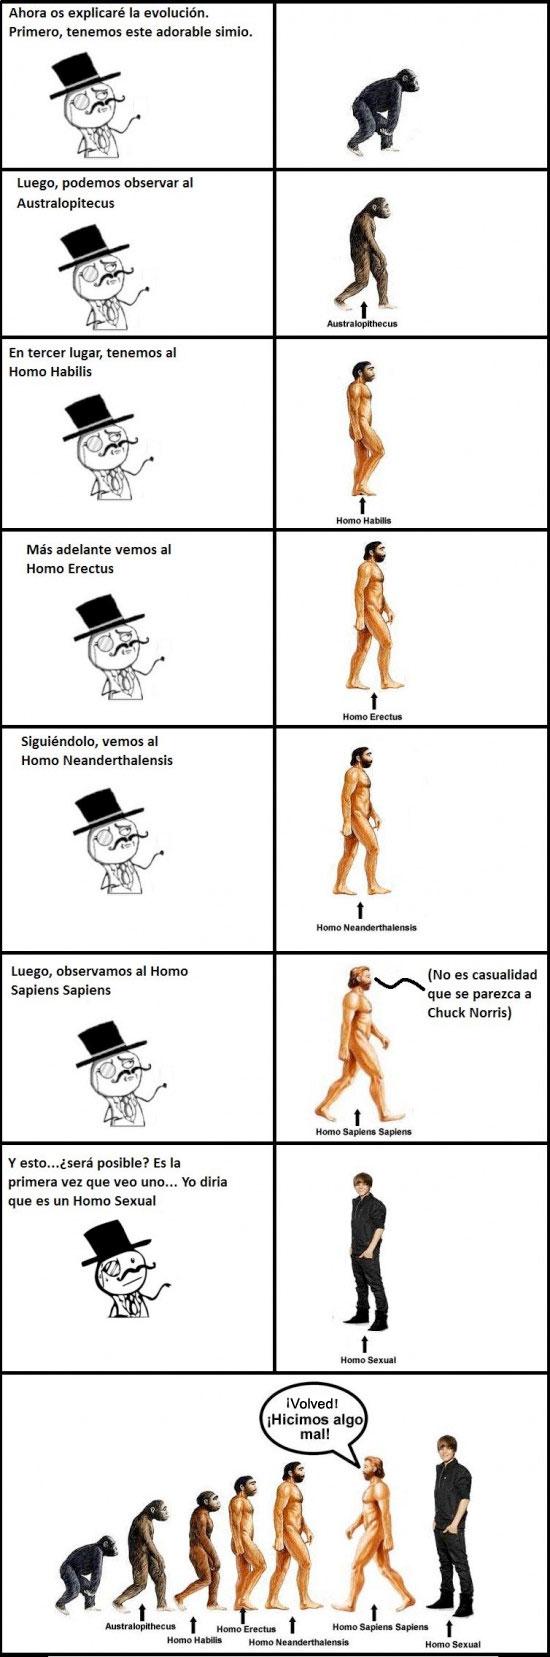 Feel_like_a_sir - La evolución